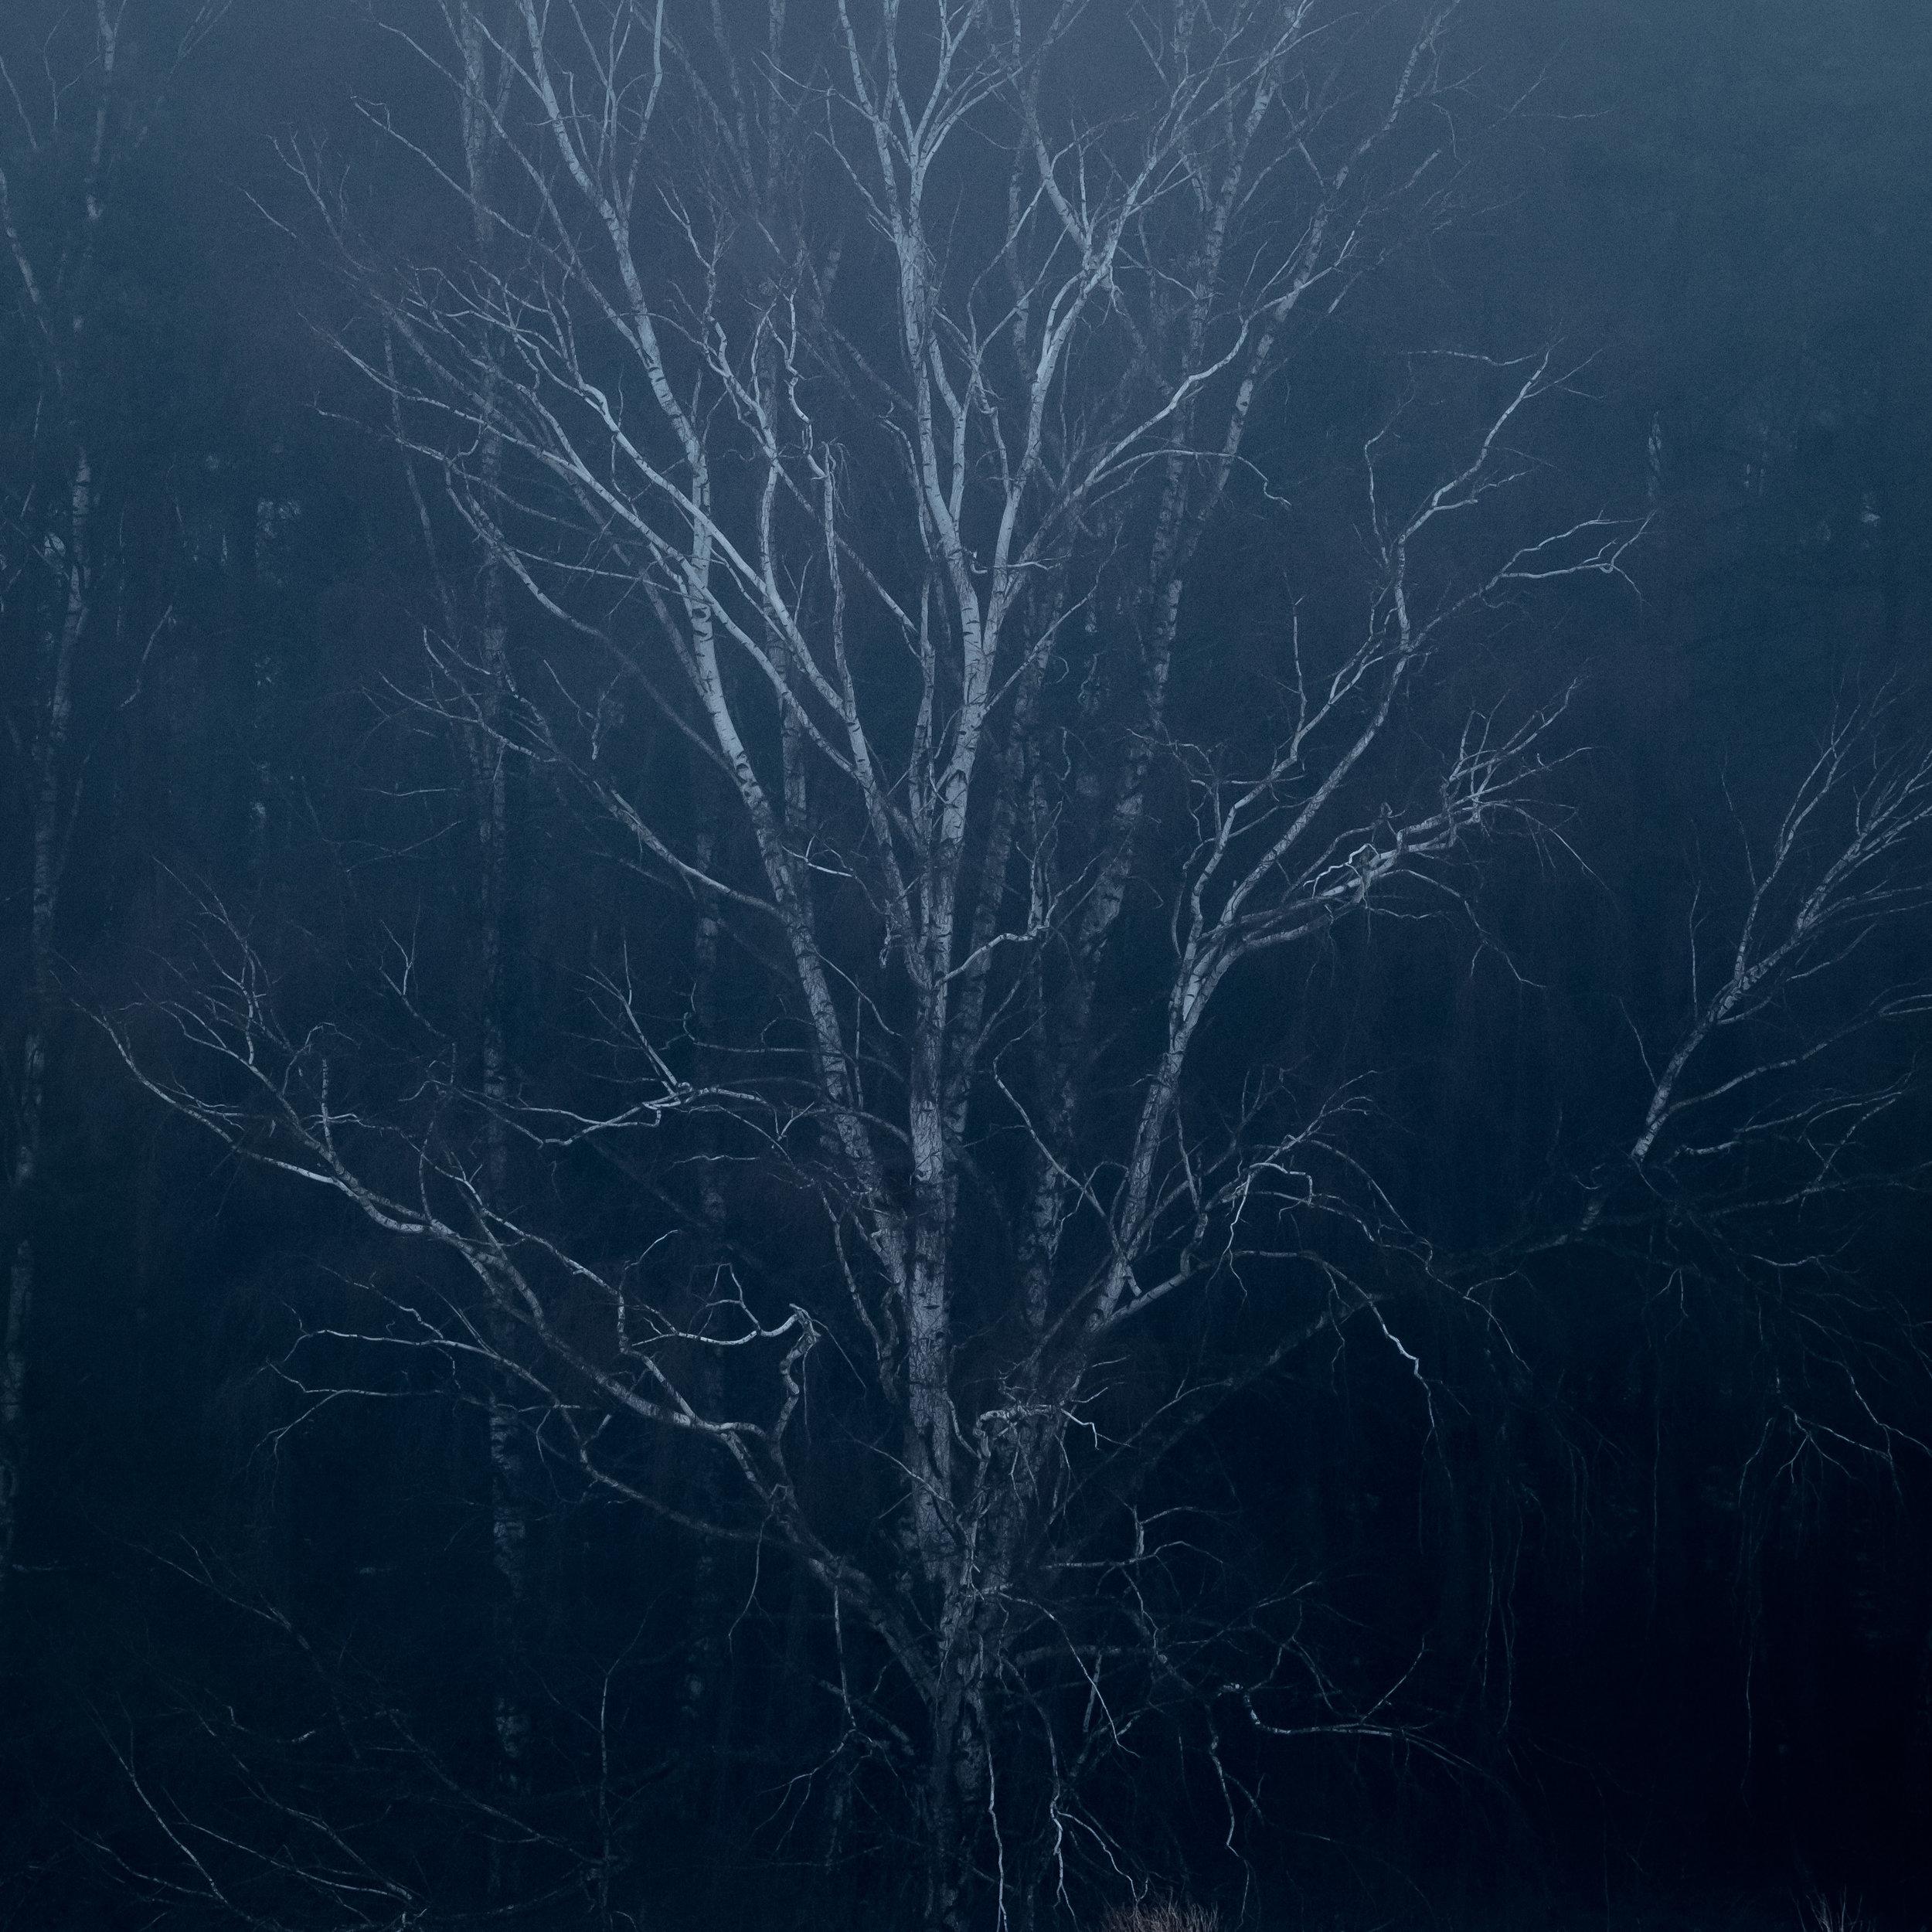 lone tree havang snow fog 3.jpg